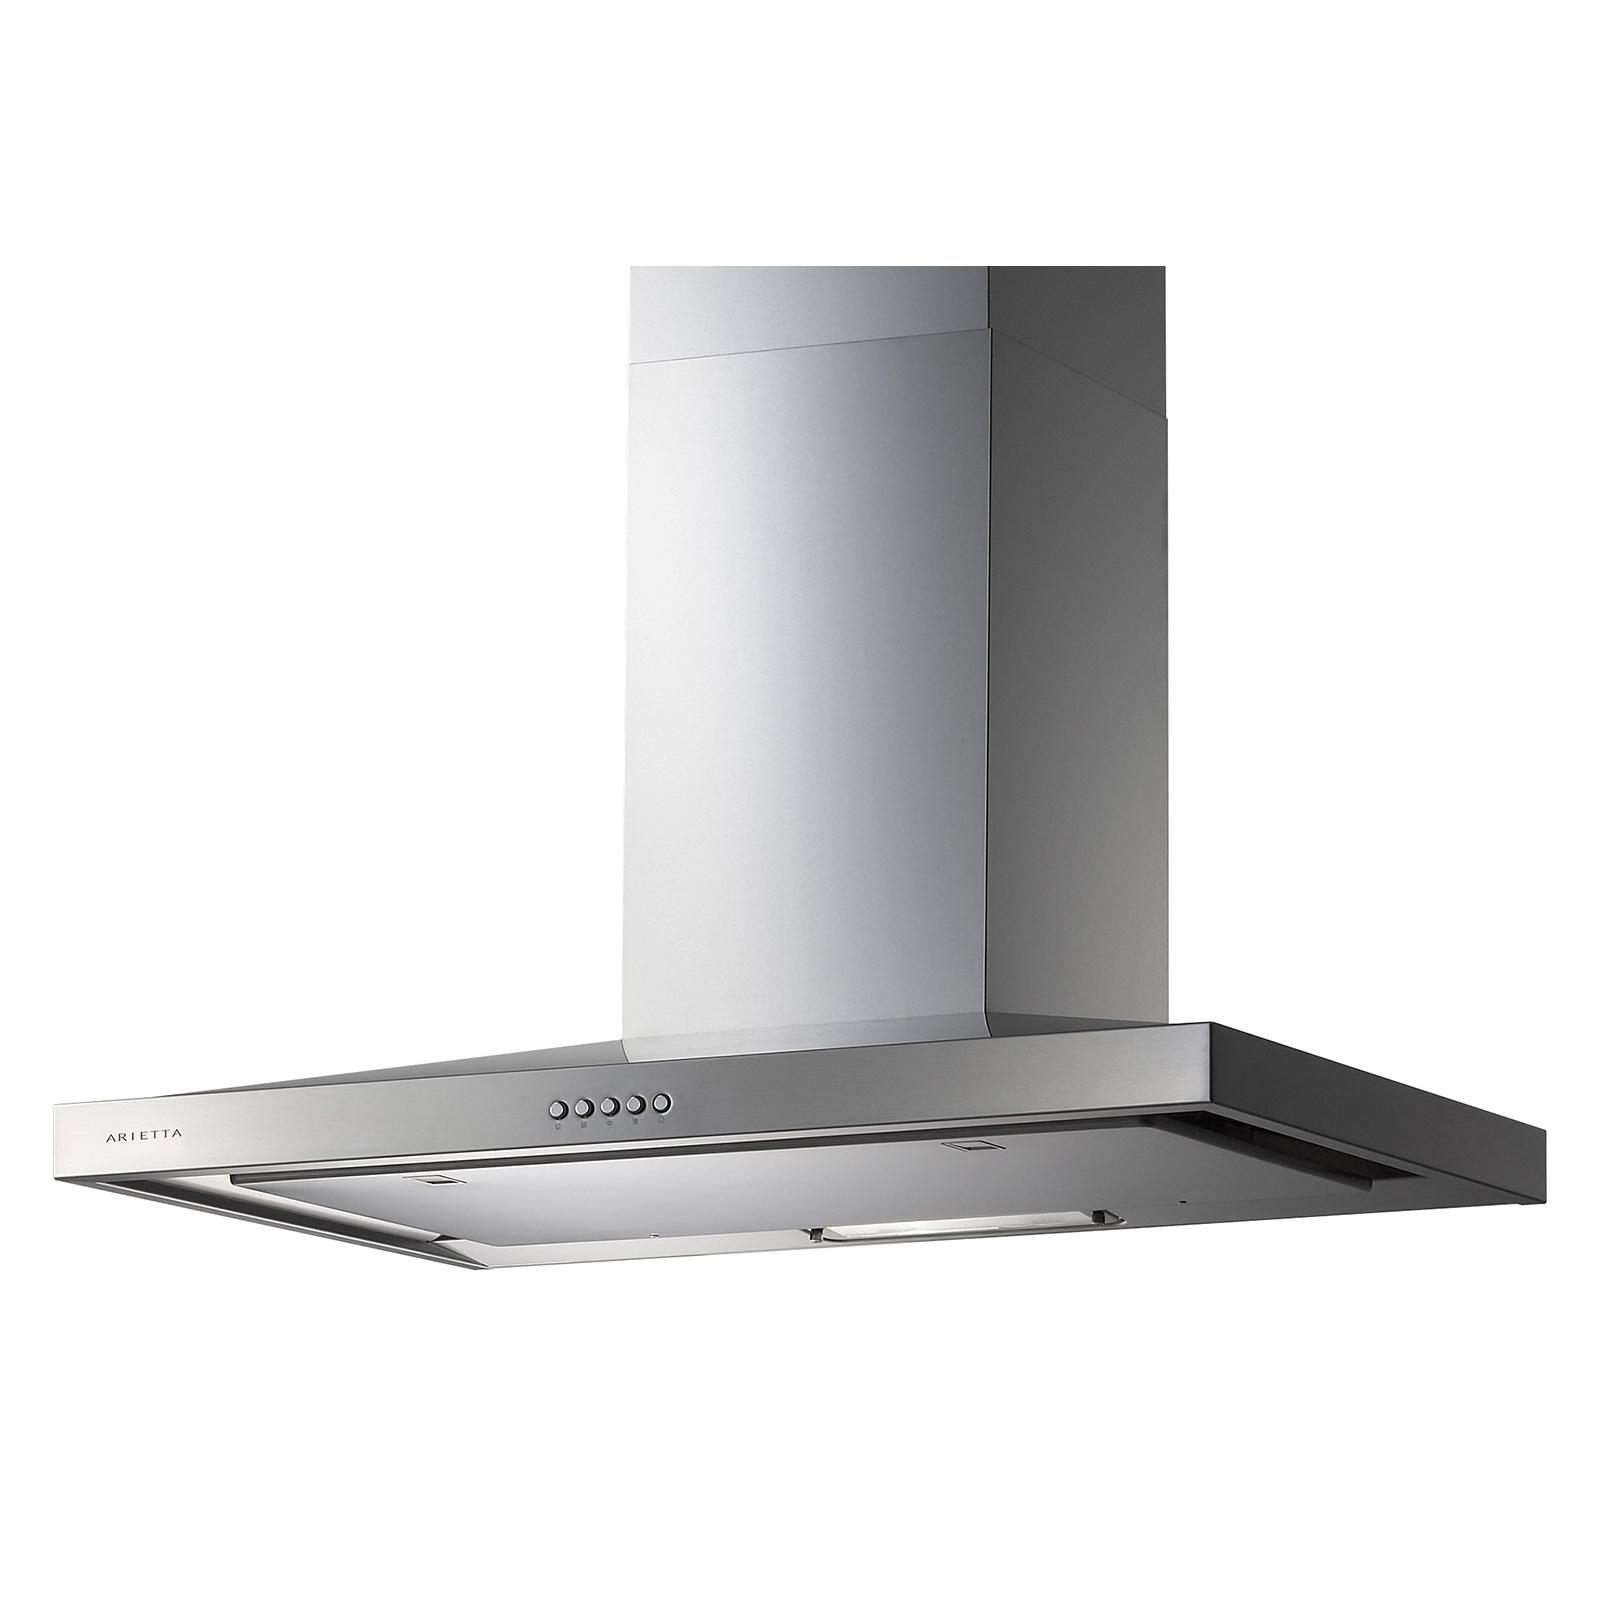 キッチン機器(レンジフード) 薄型レンジフード 正面壁付け型 W900   KB-PT003-01-G234    リノベーション・DIY・インテリア通販のtoolbox